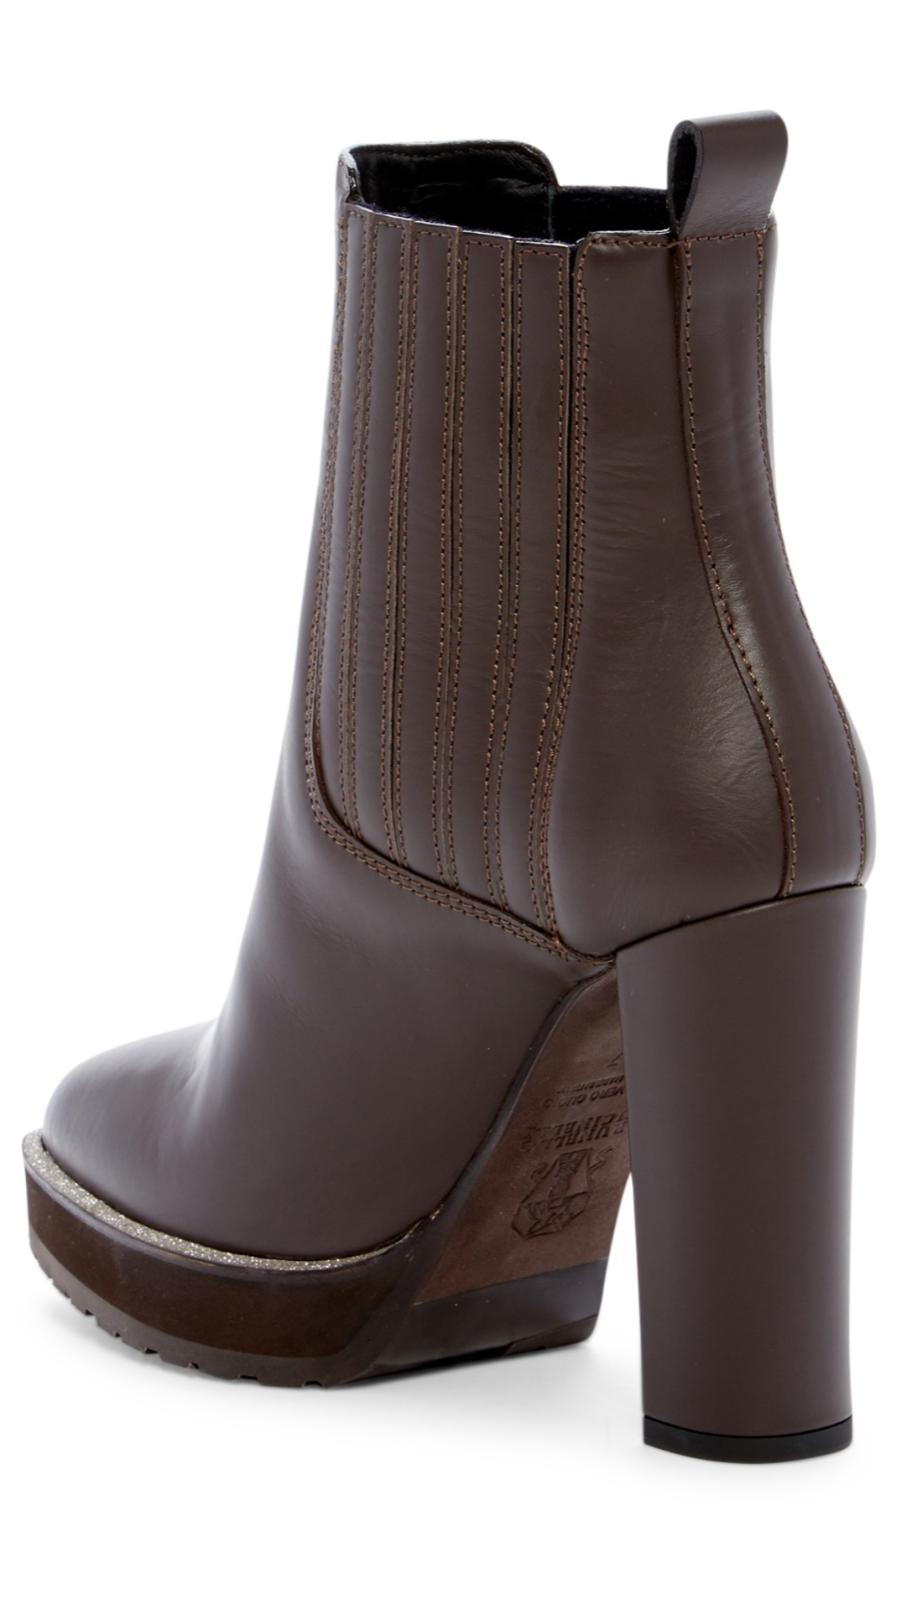 Brunello Cucinelli Block Heel Stiefel Retail 1800.00